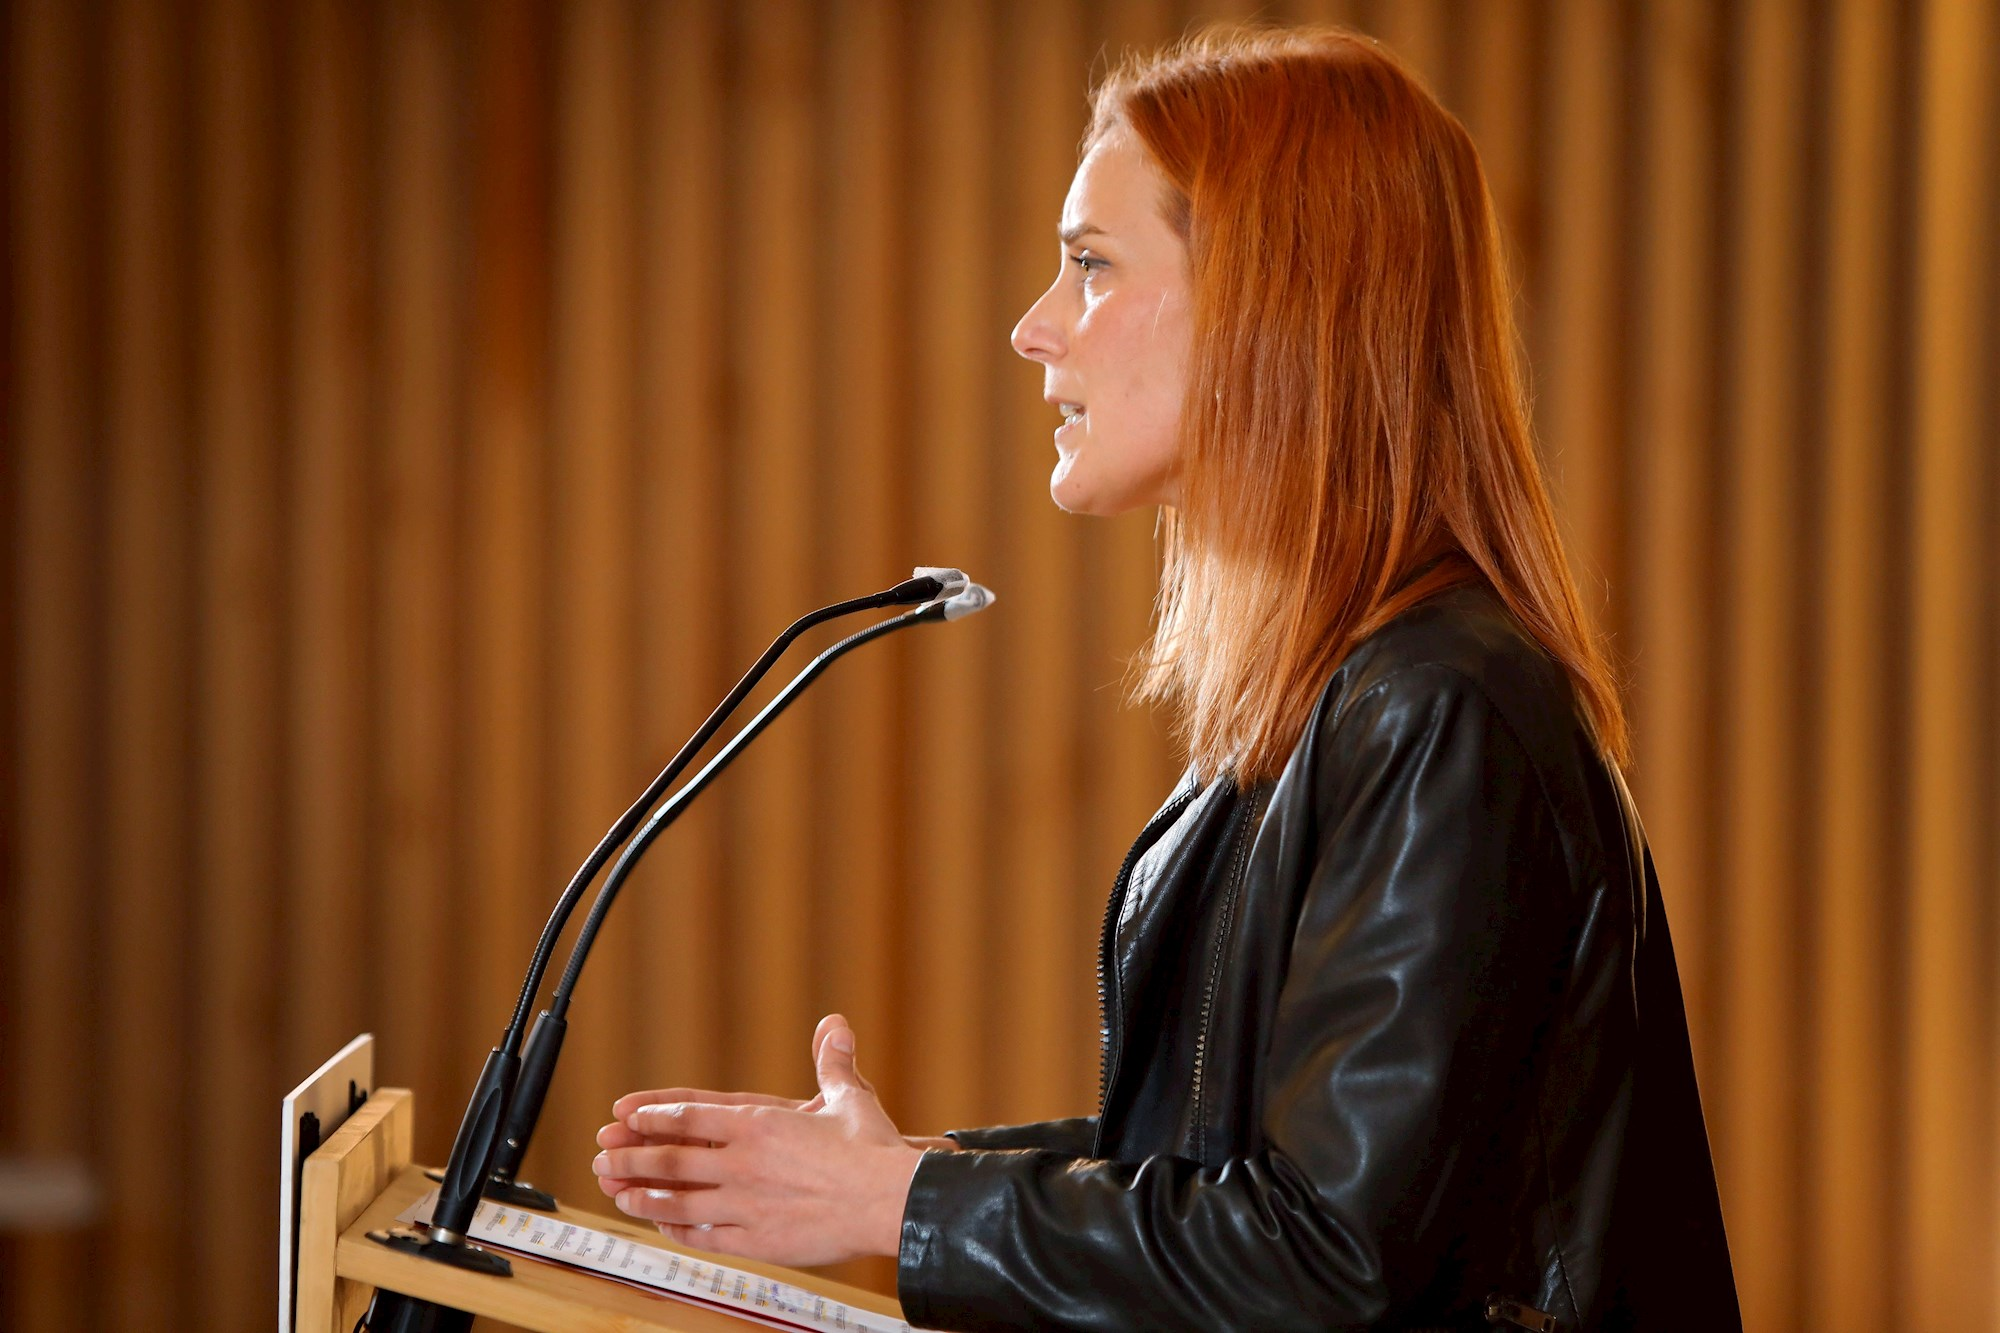 La candidata de En Comú-Podem, Jéssica Albiach, durante su comparecencia el 14 de febrero de 2021 para valorar los resultados de las elecciones catalanas | EFE/SS